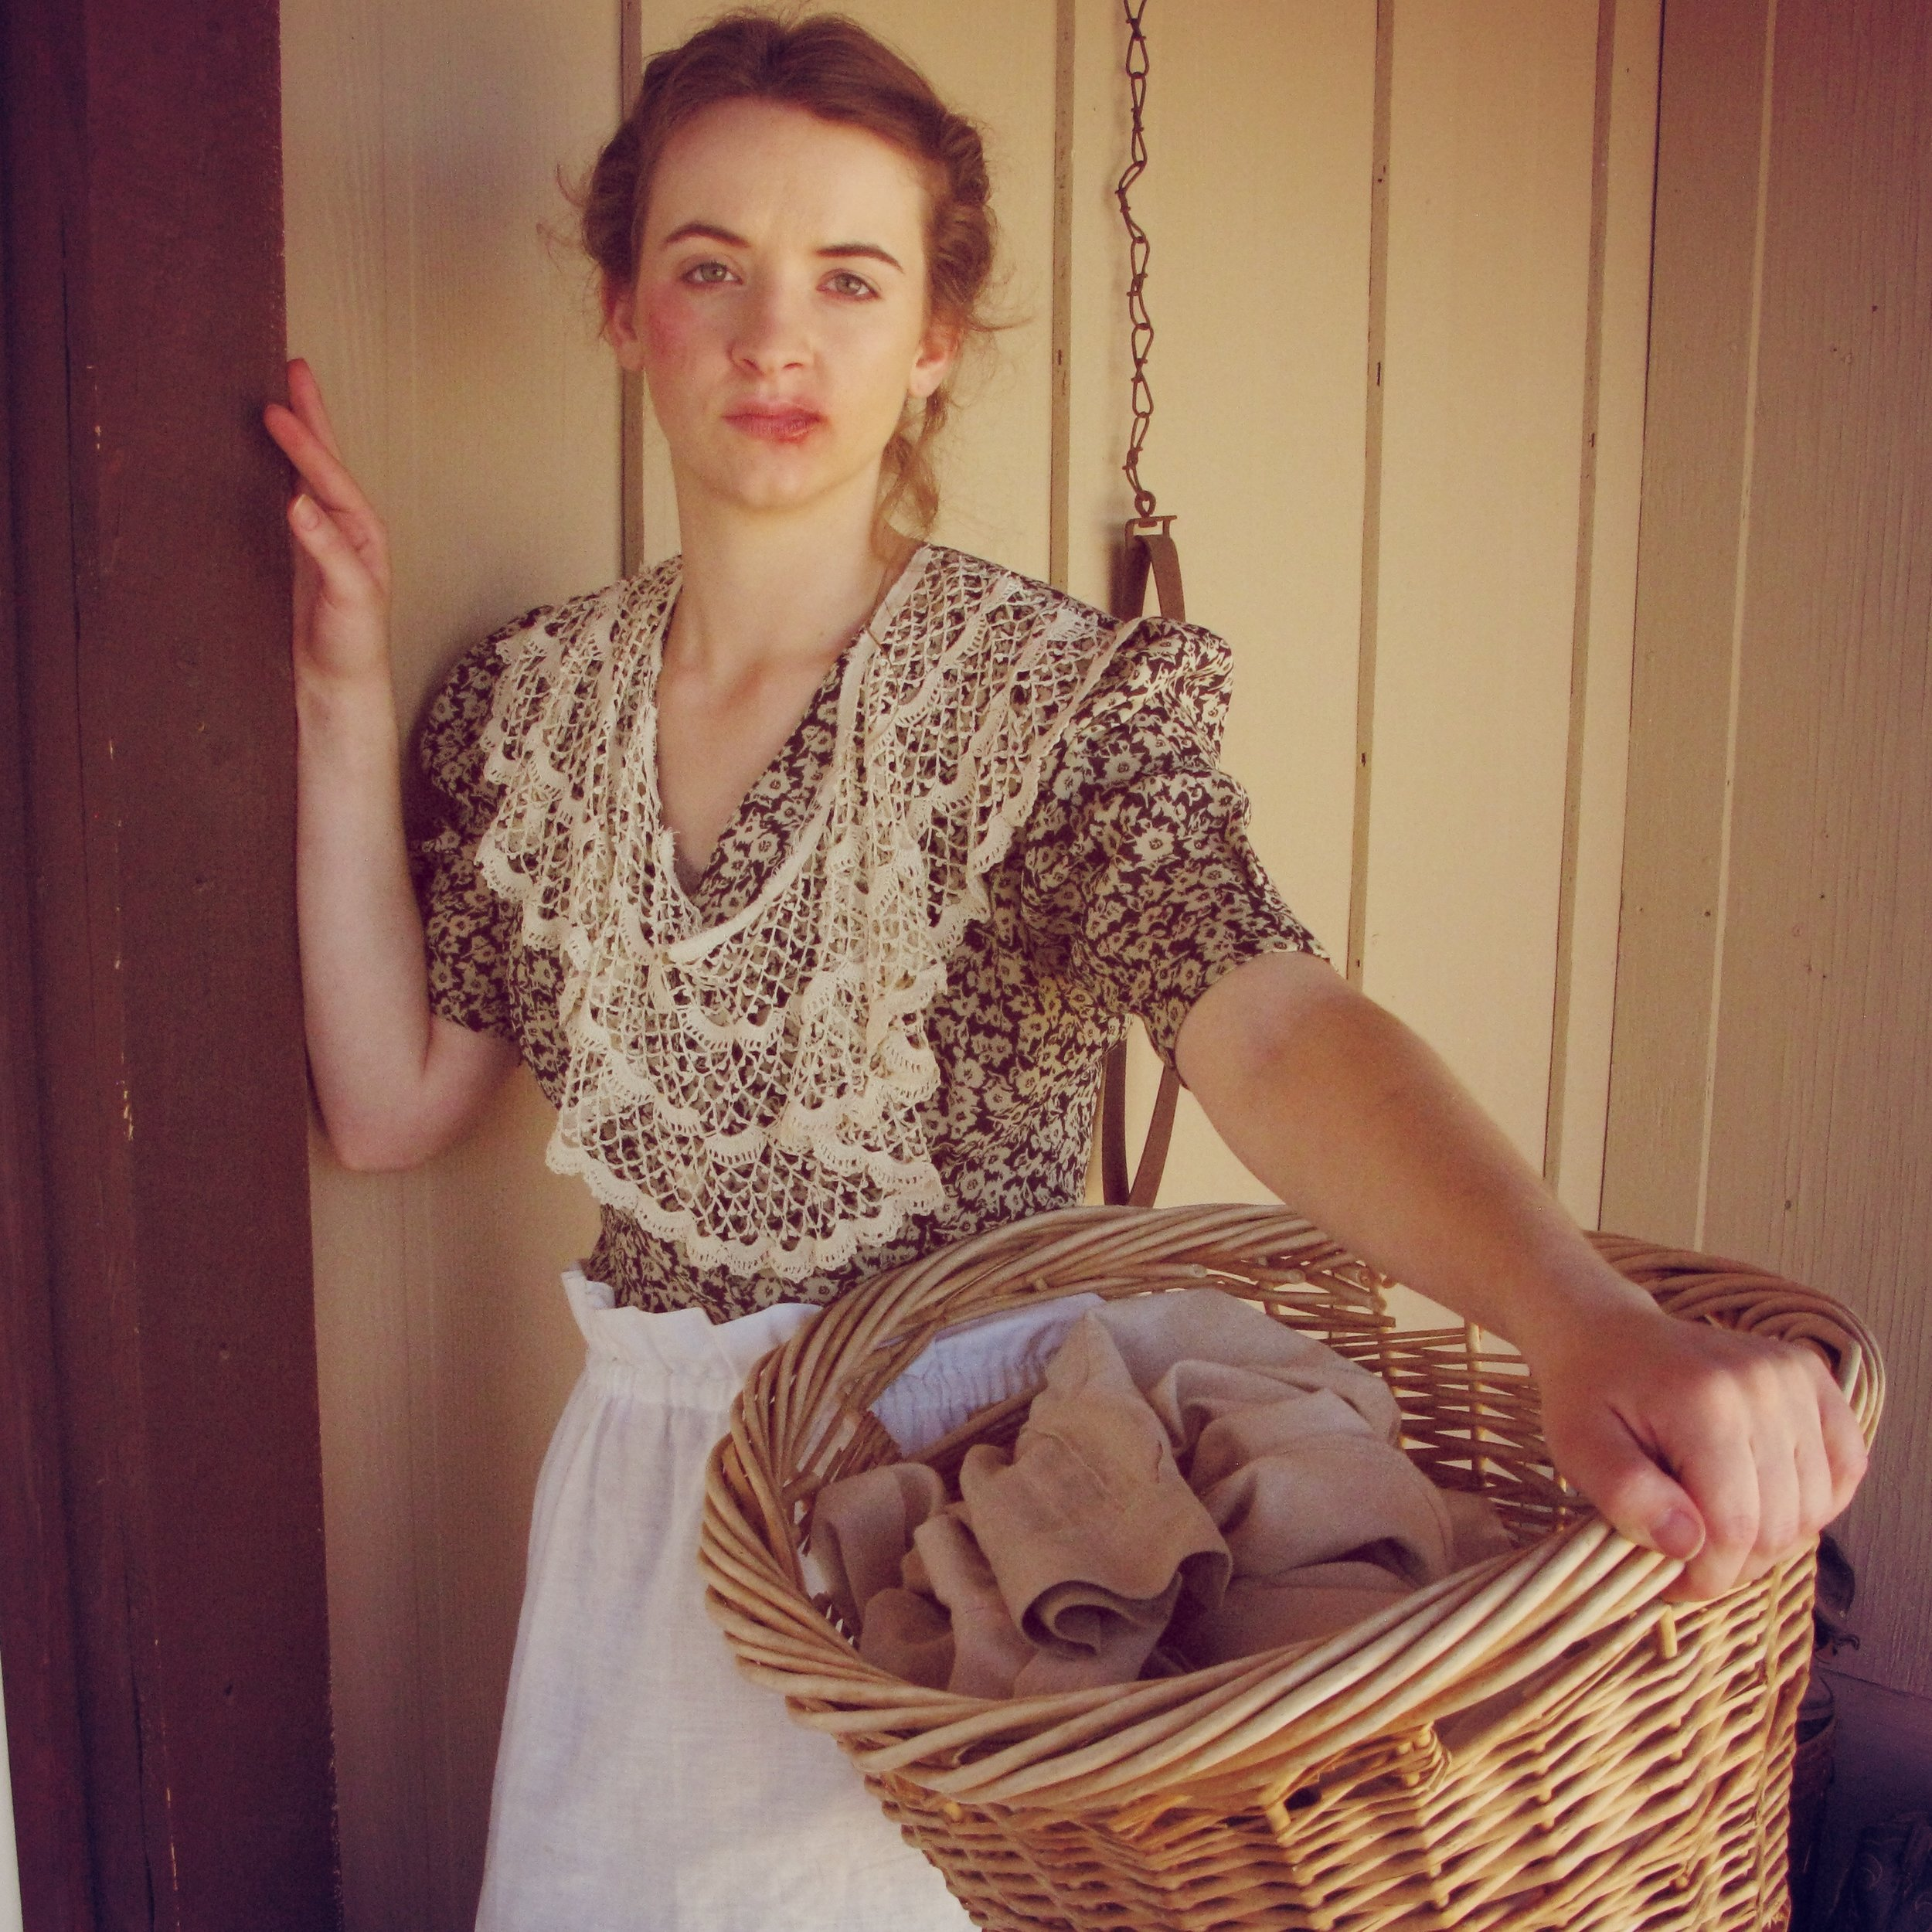 Sarah Berg as Eve Lockhart in Vermijo